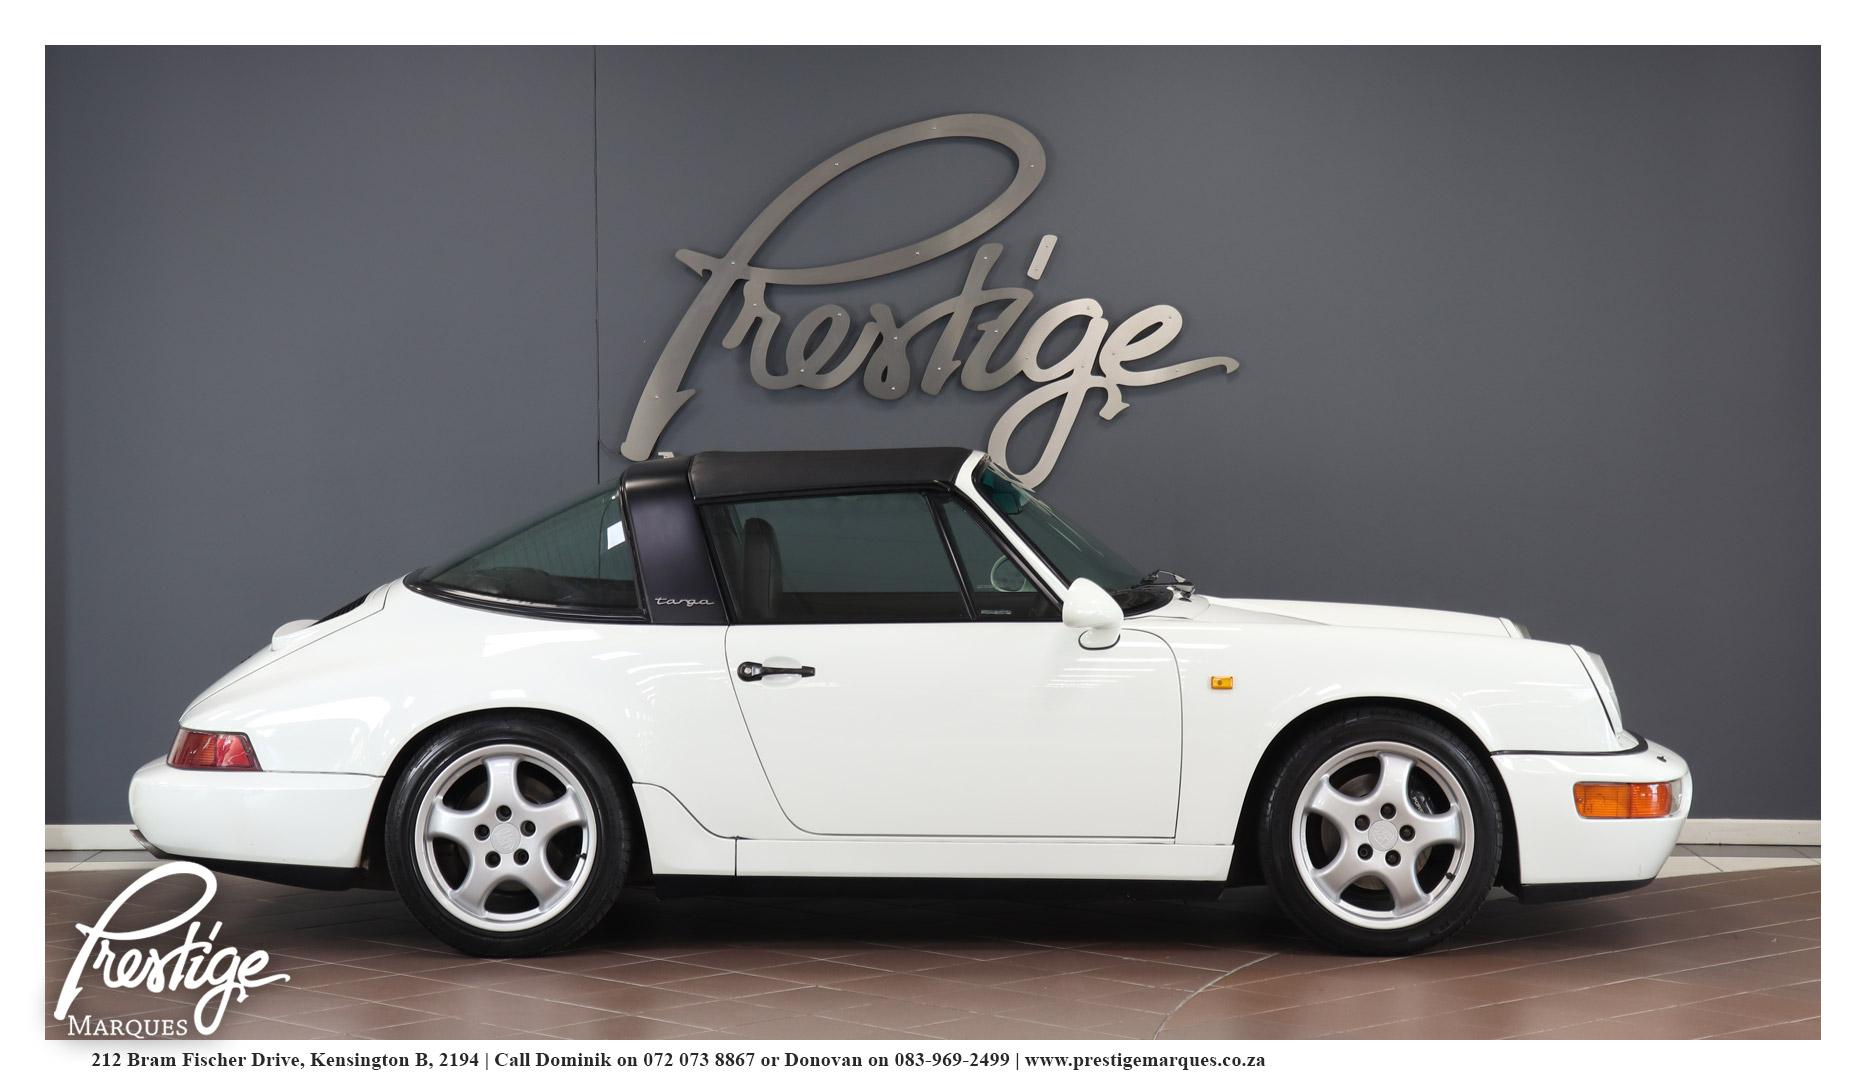 Prestige-Marques-1990-Porsche-964-Carrera 2-Manual-2